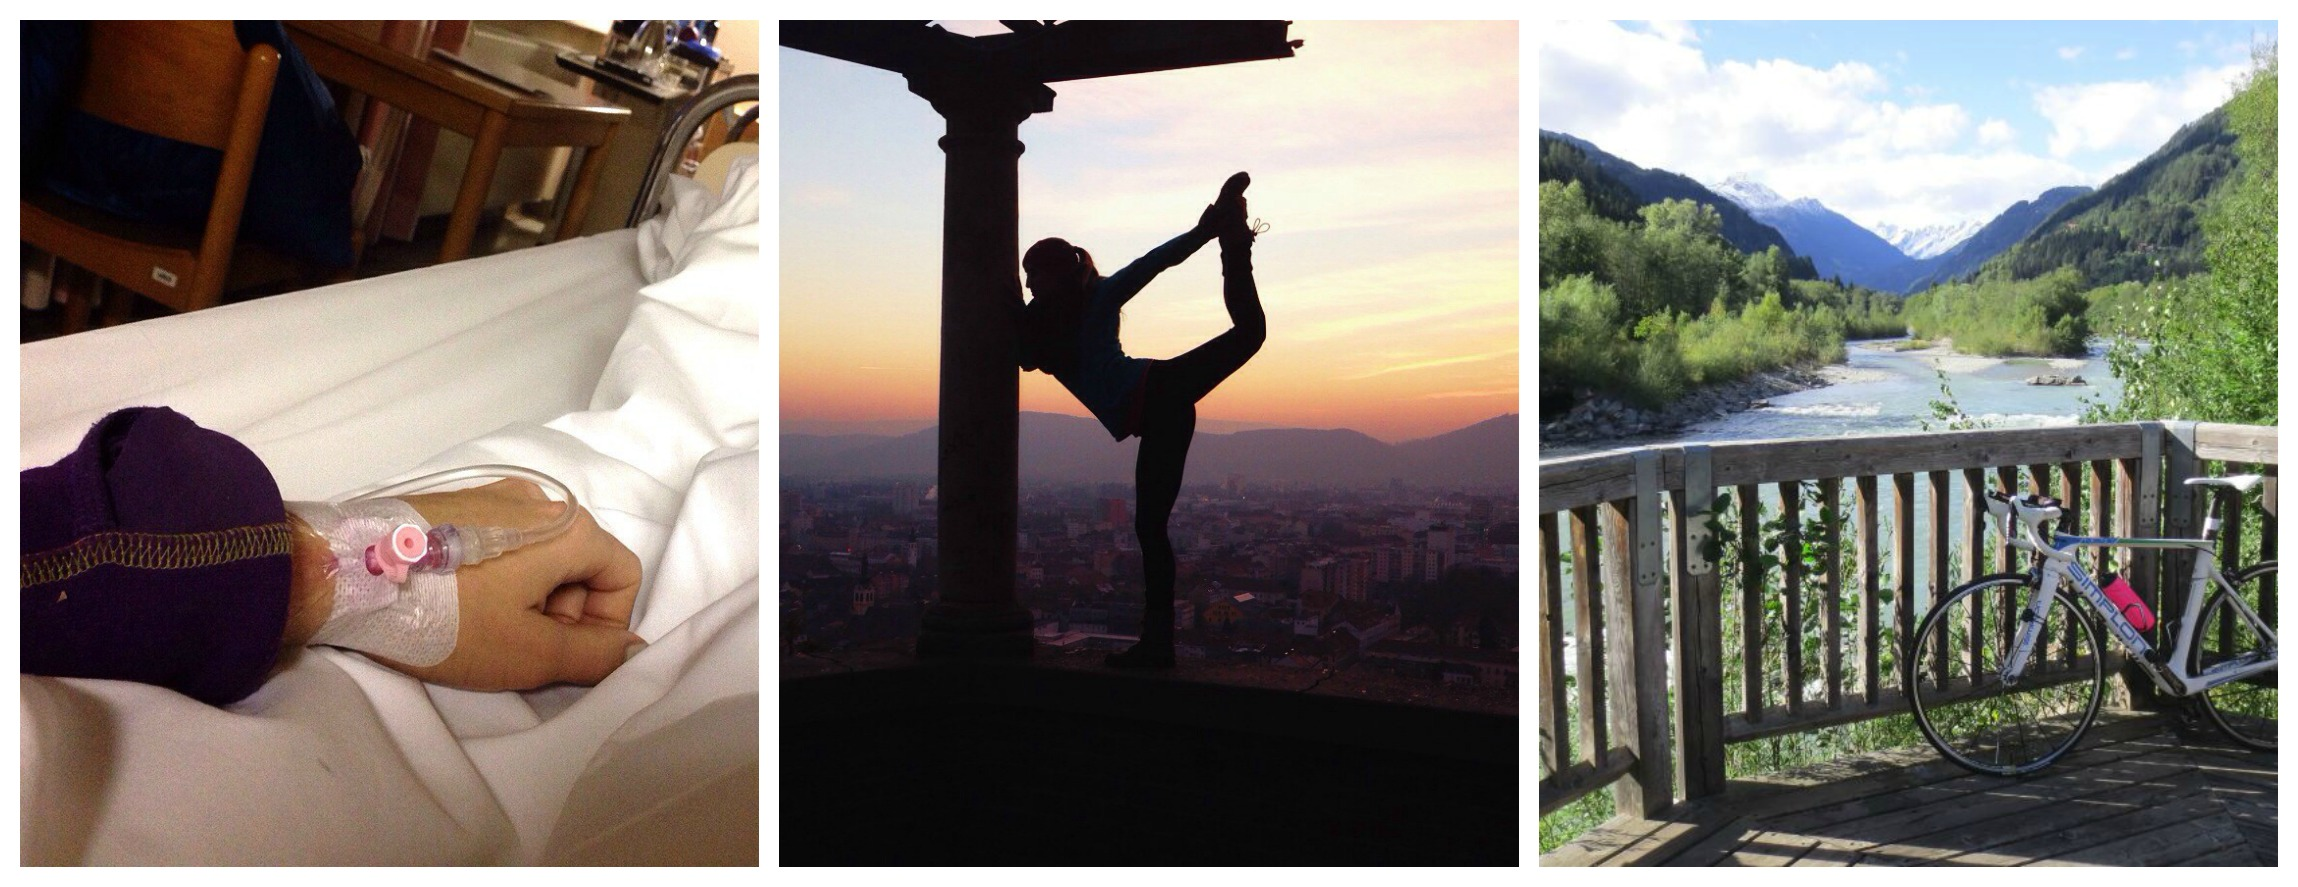 fitnessblog-fitness-blog-blogger-österreich-klara-fuchs-graz-blogging-blog-sport-lifestyle-foodblog5